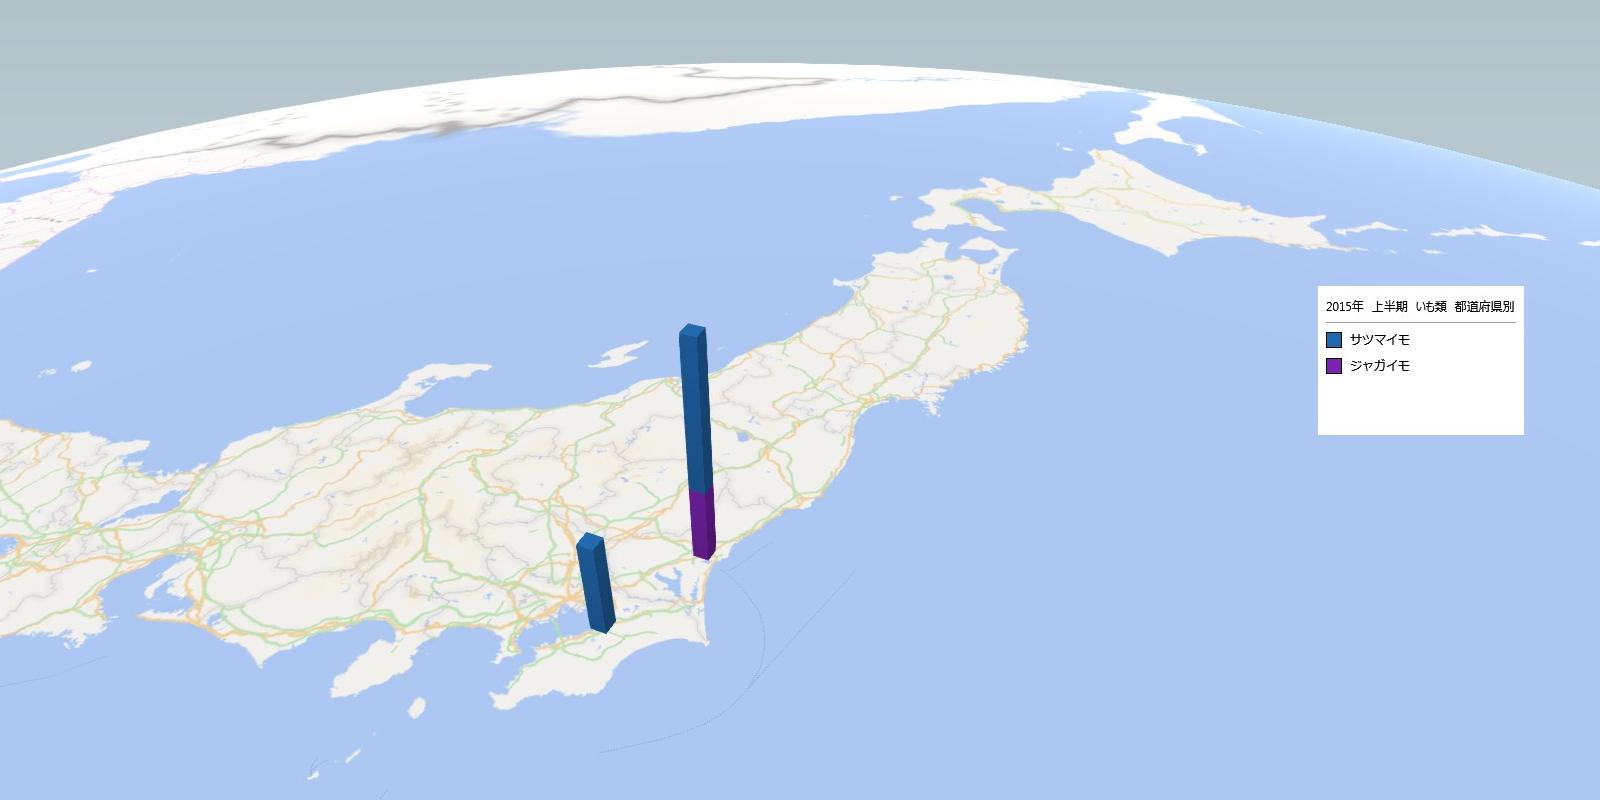 イモ類の放射能検査地図(都道府県別)